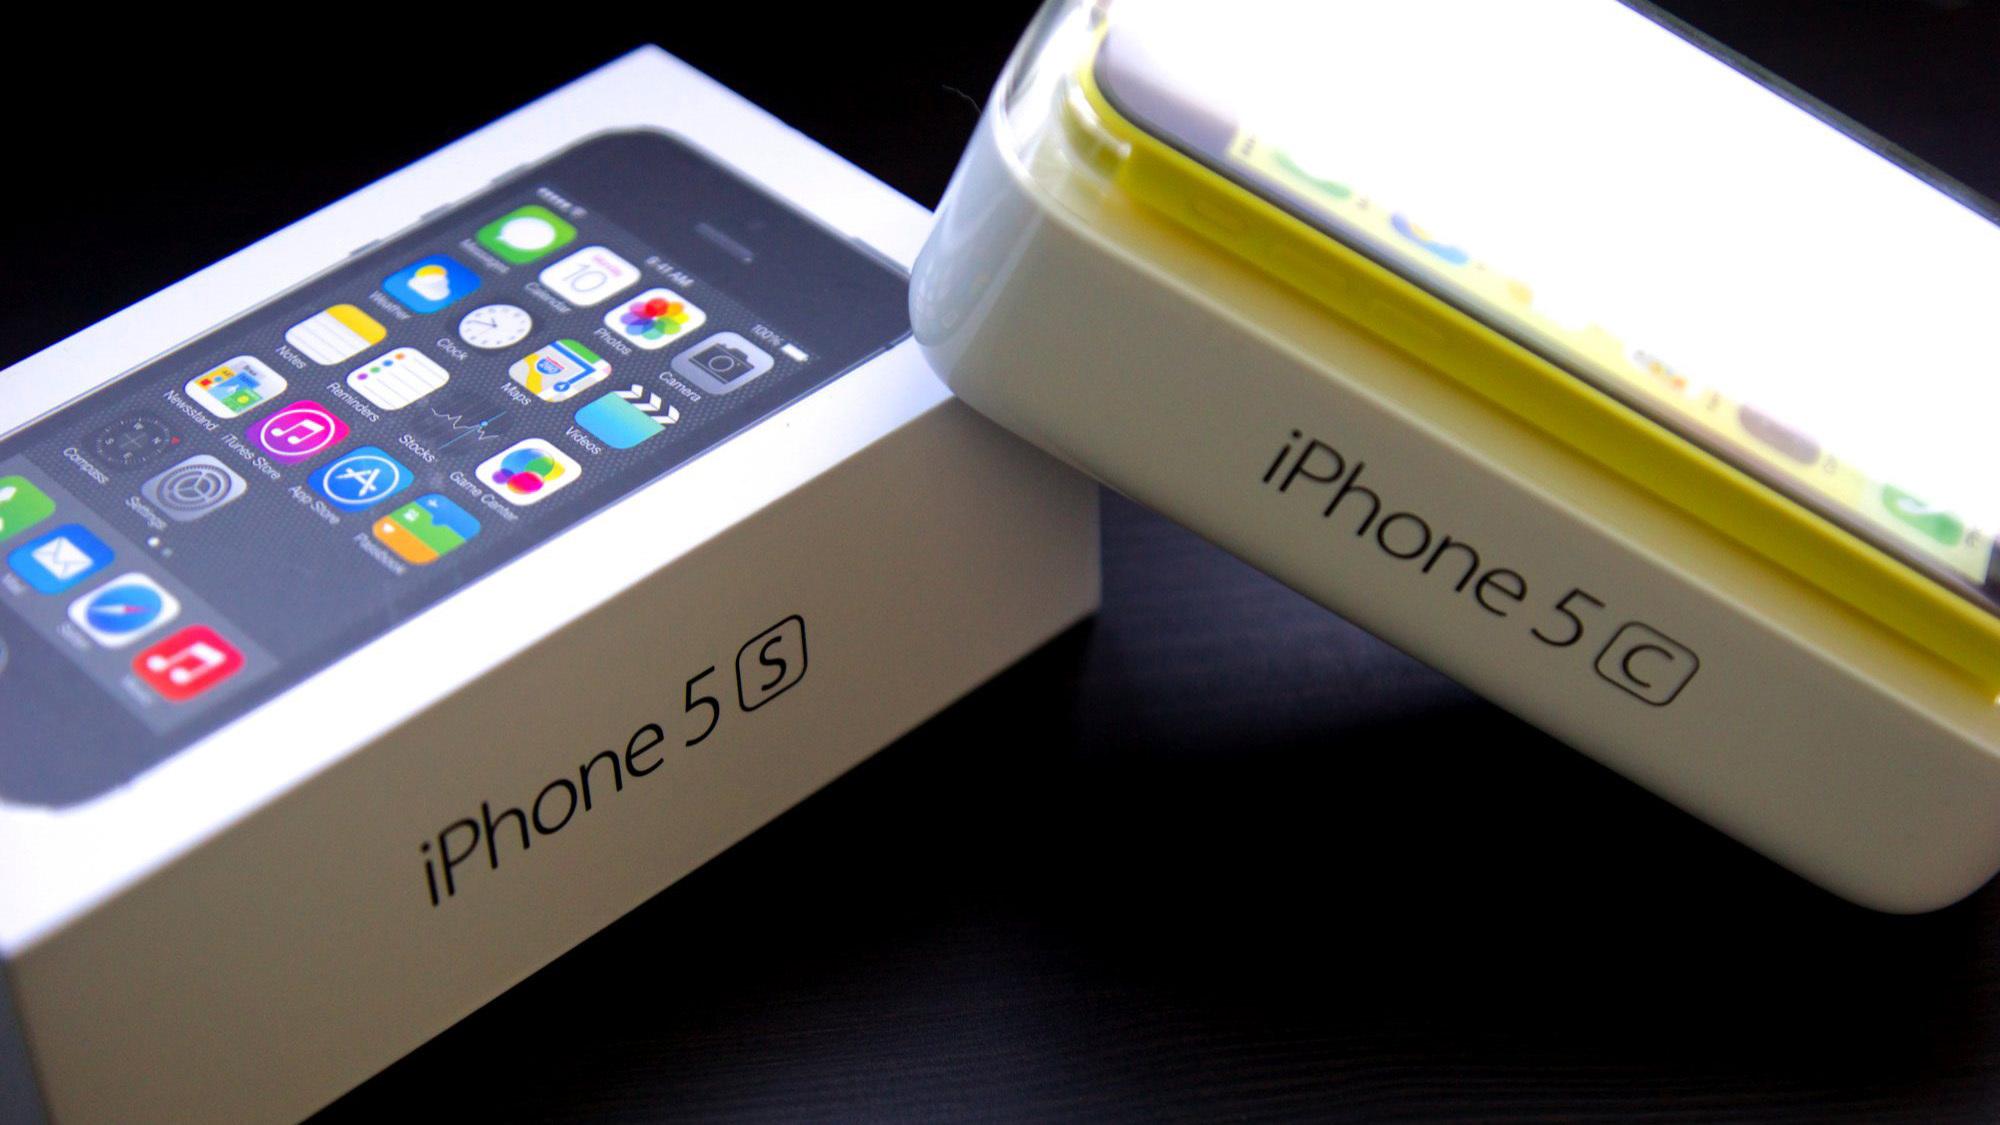 Сенсорная панель нового поколения в iPhone 5